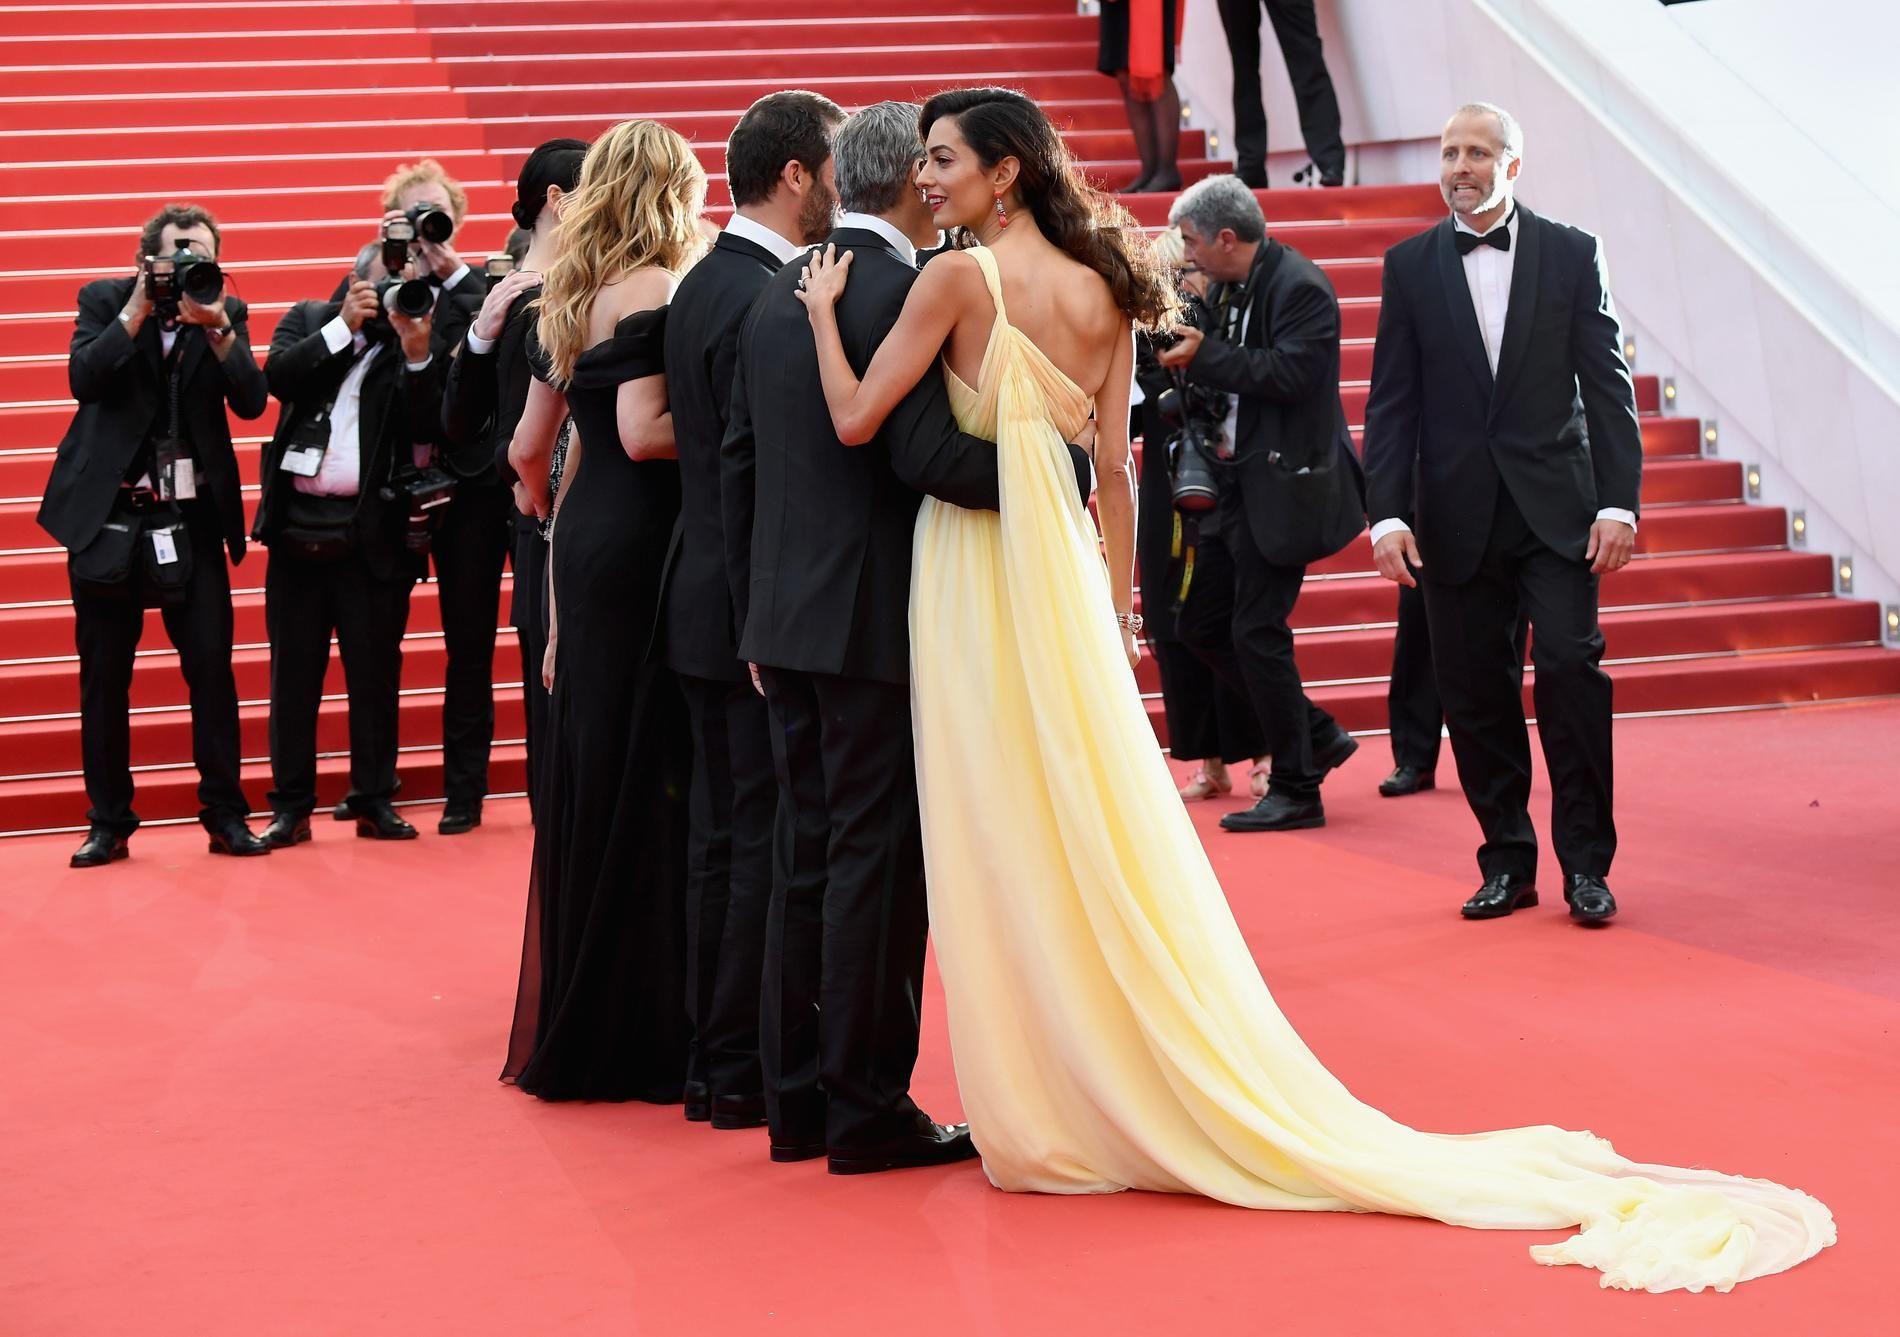 Amal Clooney, Invitée Surprise Dans Une Robe Longue Traîne